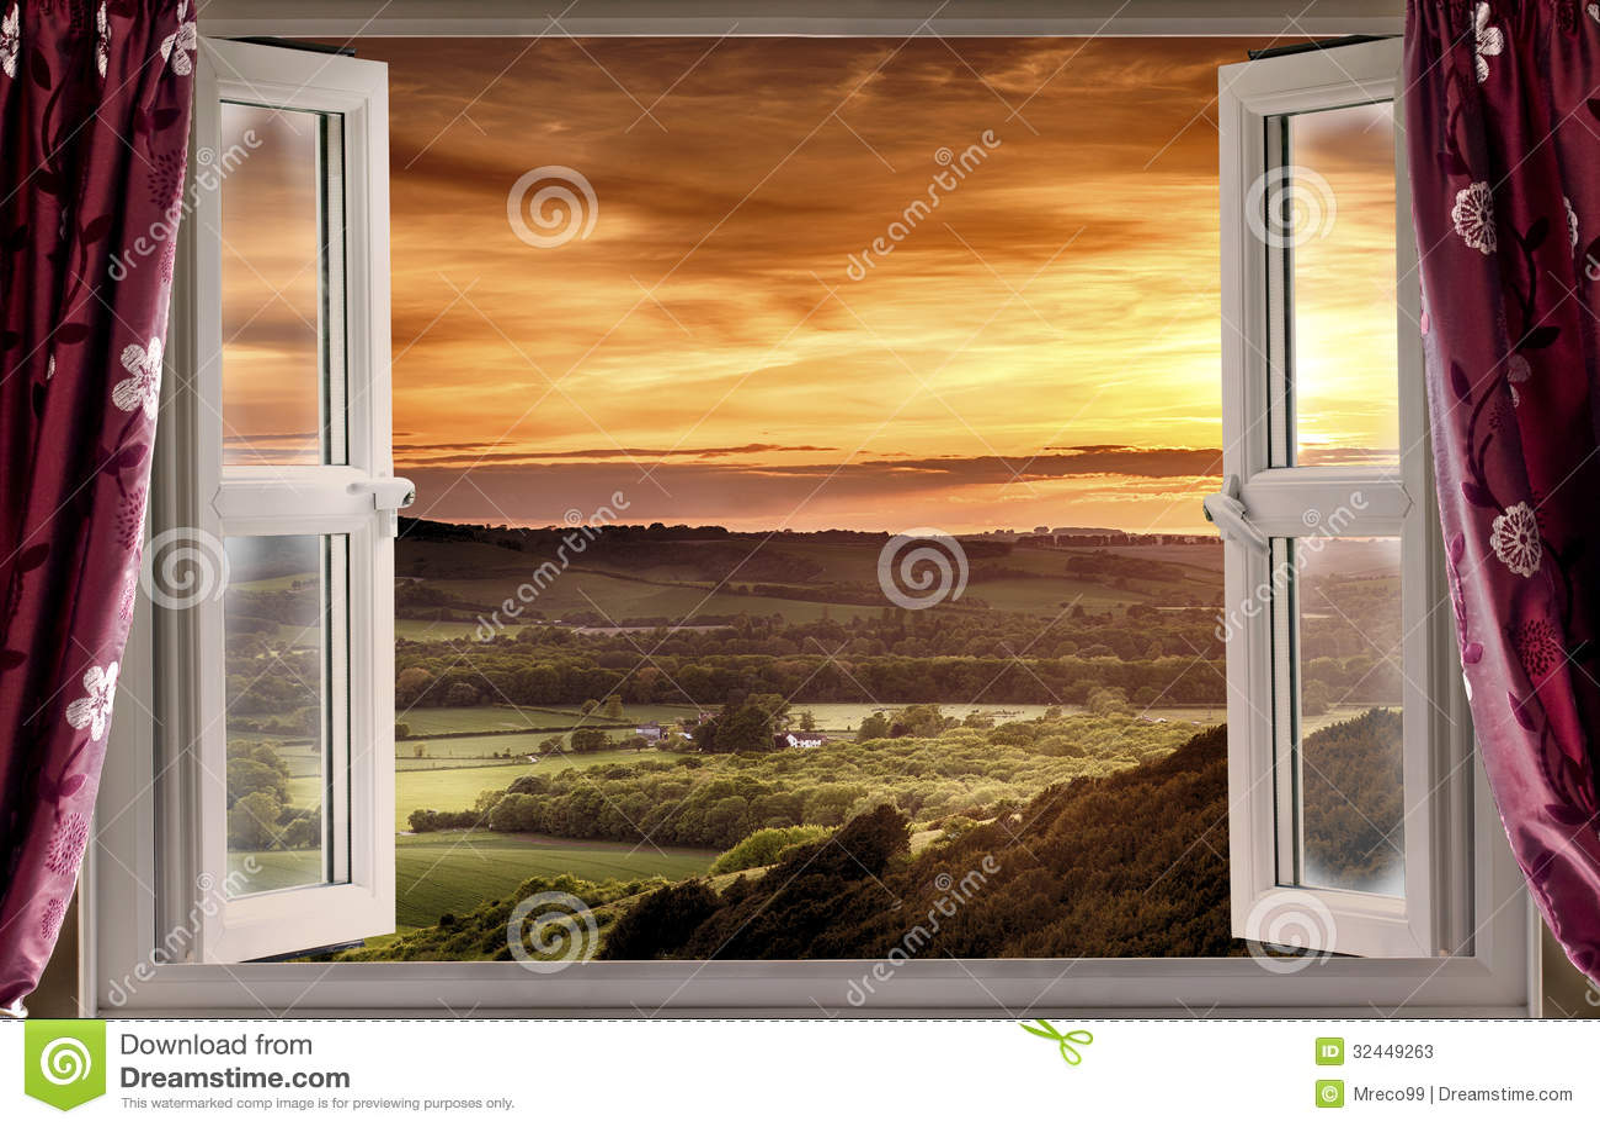 Fen tre ouverte au paysage rural photos stock image for Fenetre ouverte sur paysage